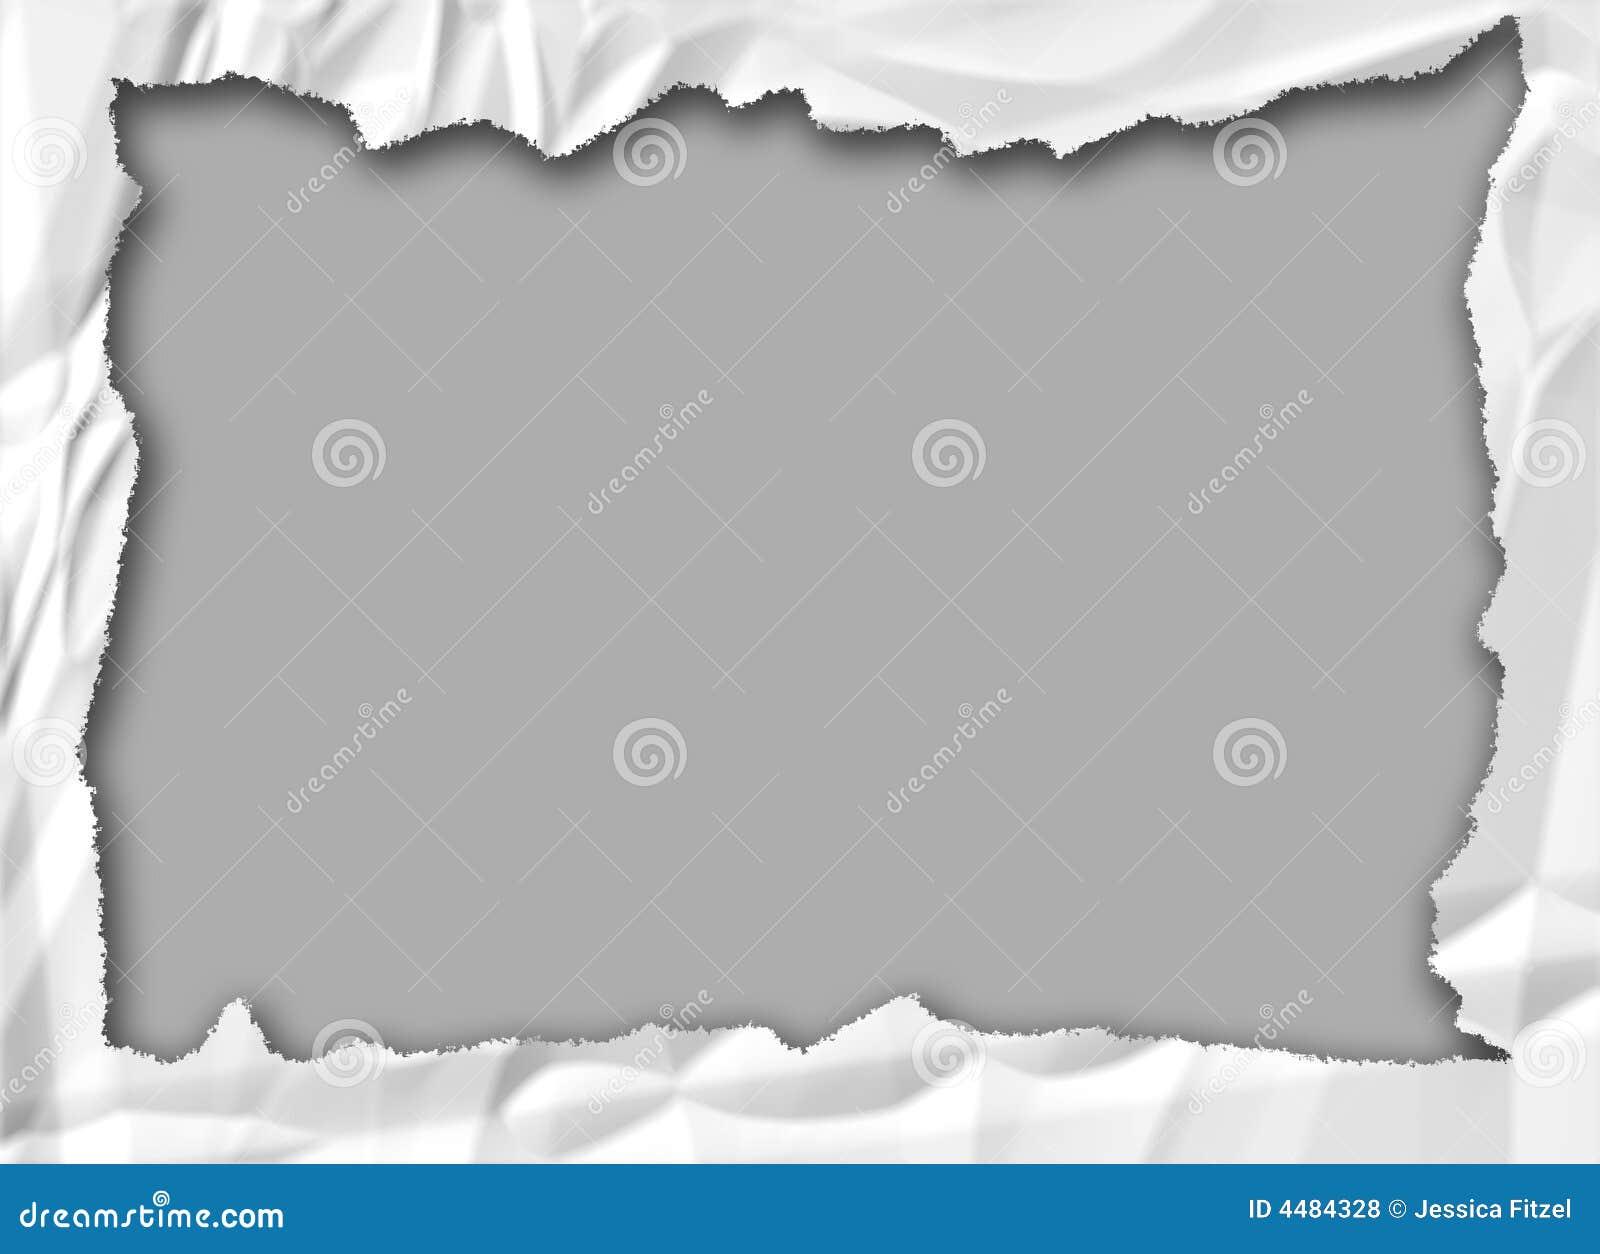 Blocco per grafici di carta sgualcito